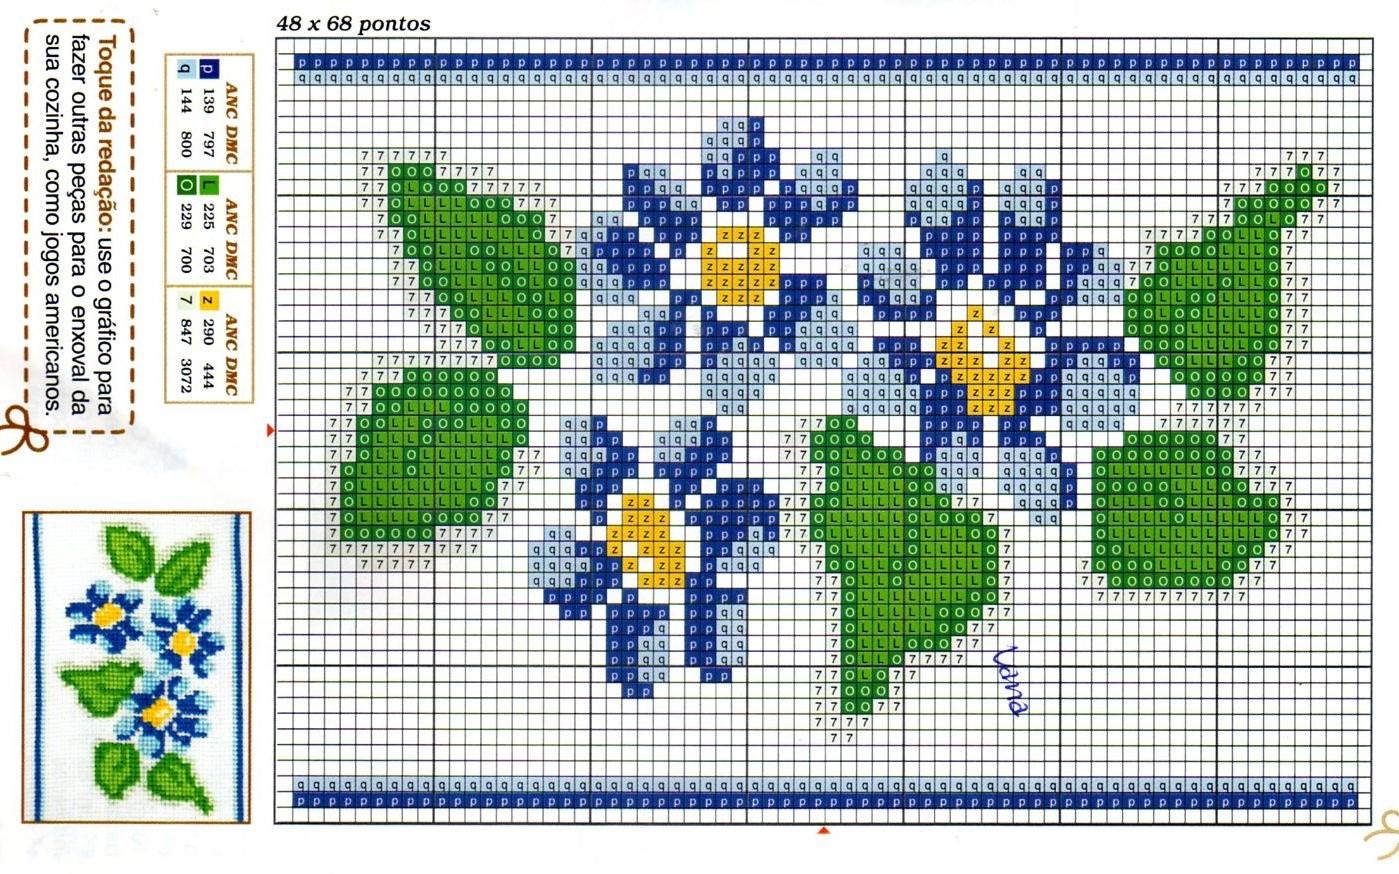 Bordure margherite azzurre punto croce for Bordure uncinetto schemi